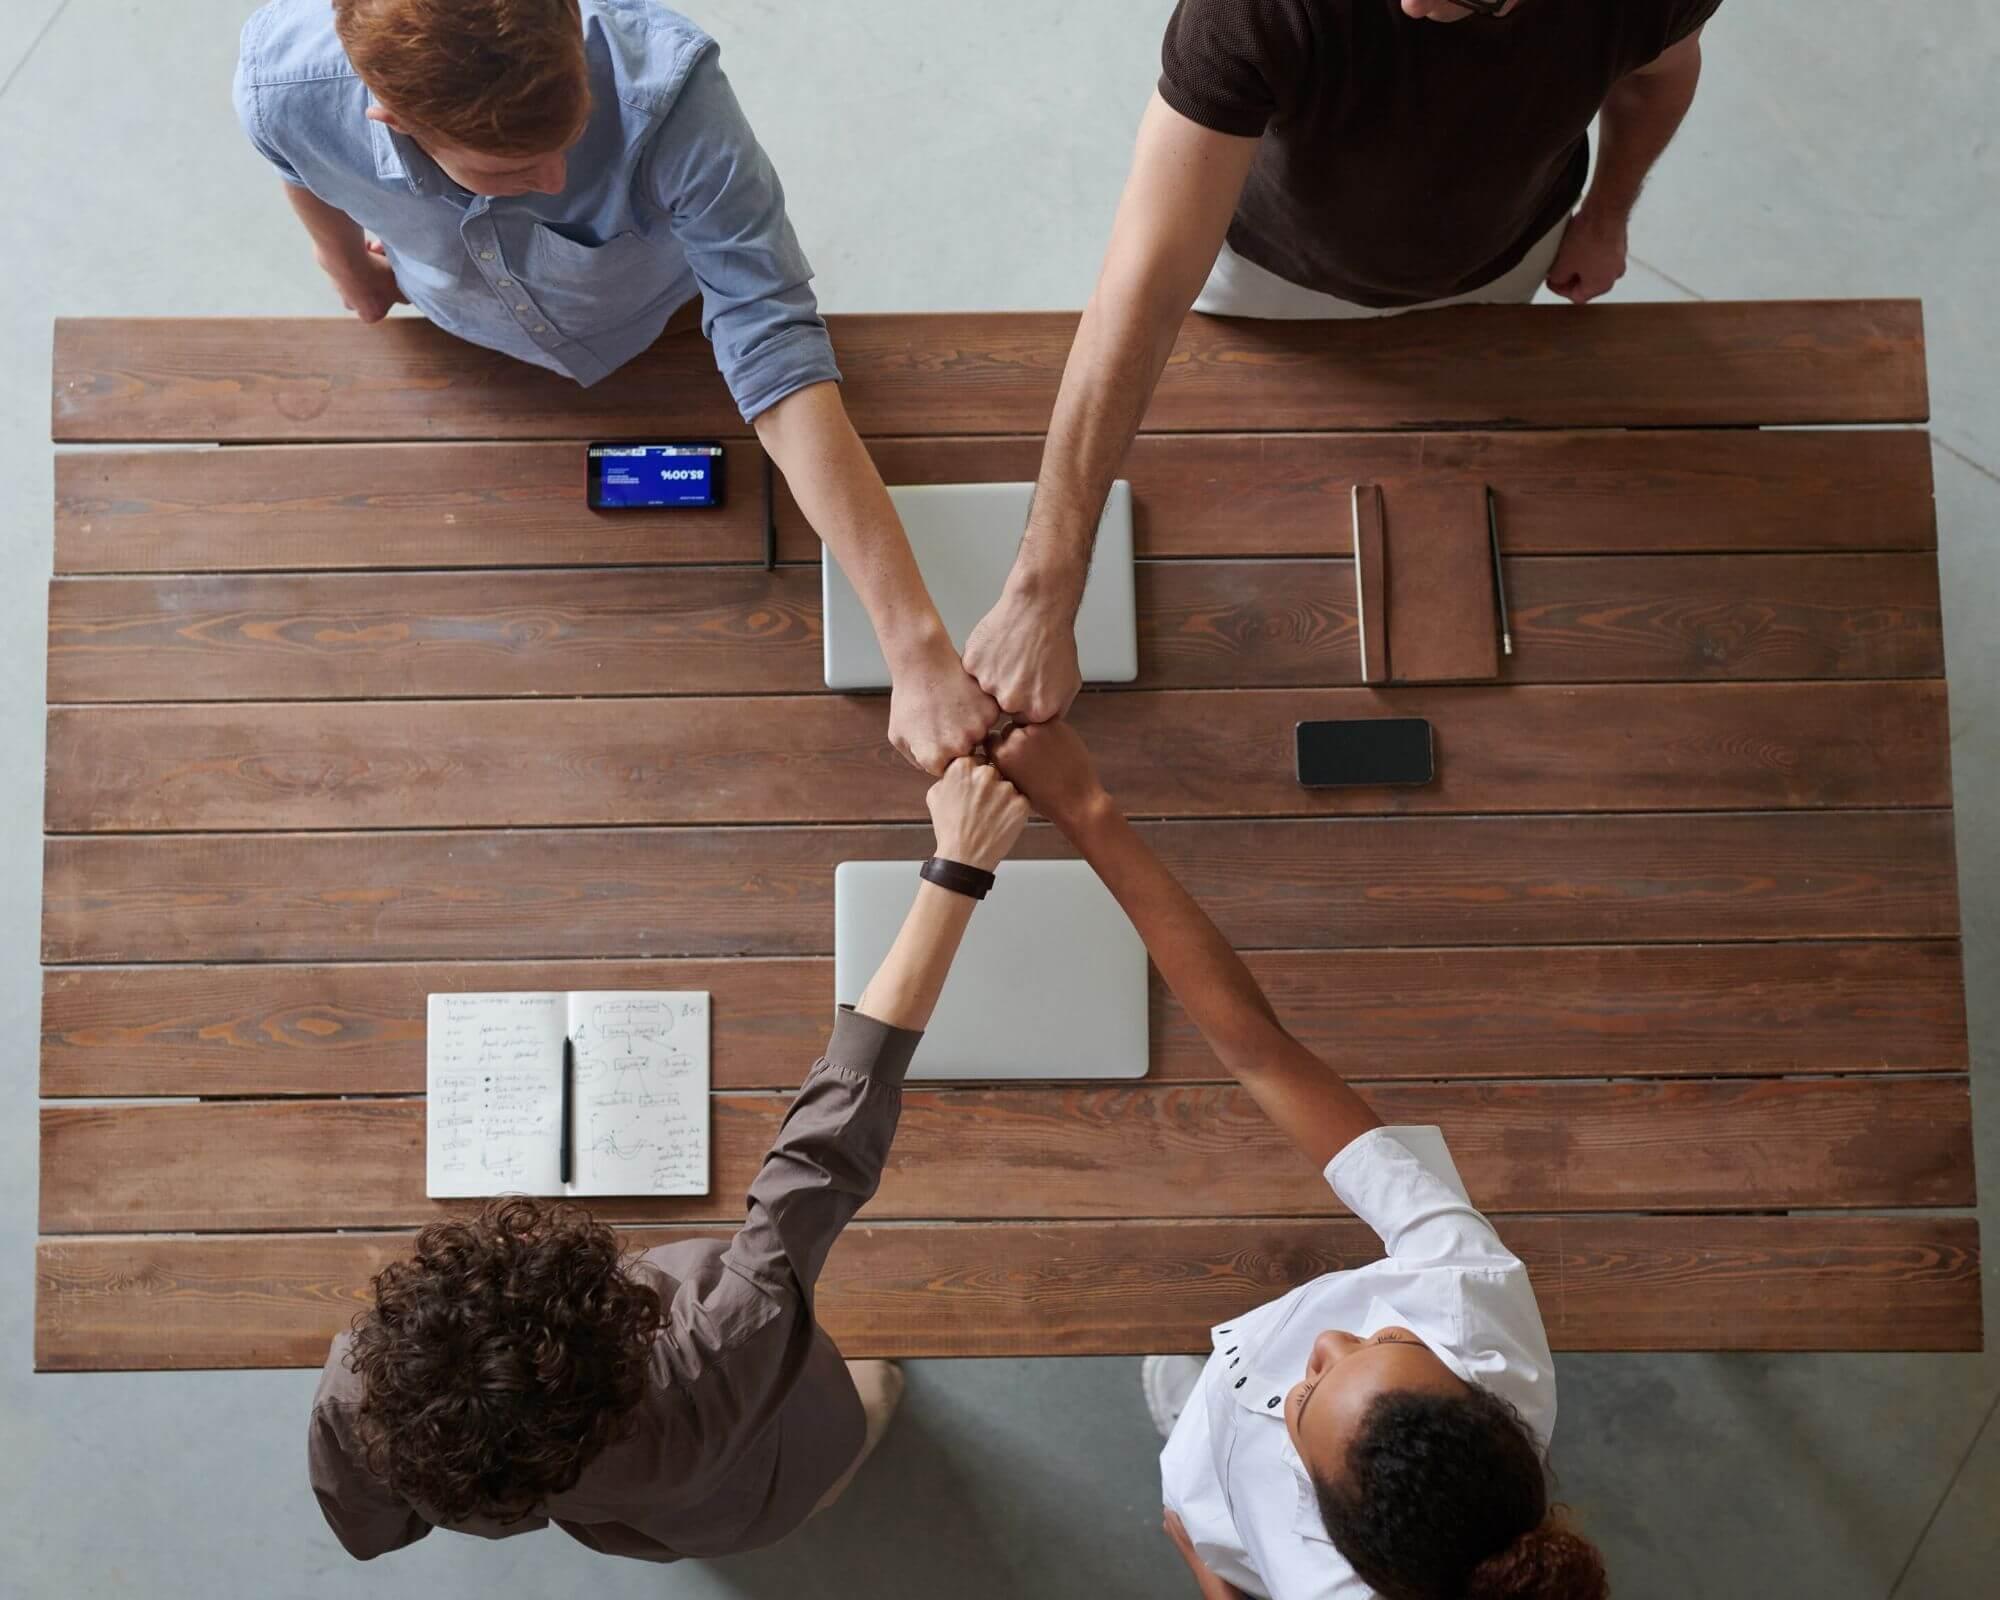 Varios miembros de una empresa llegan a un acuerdo